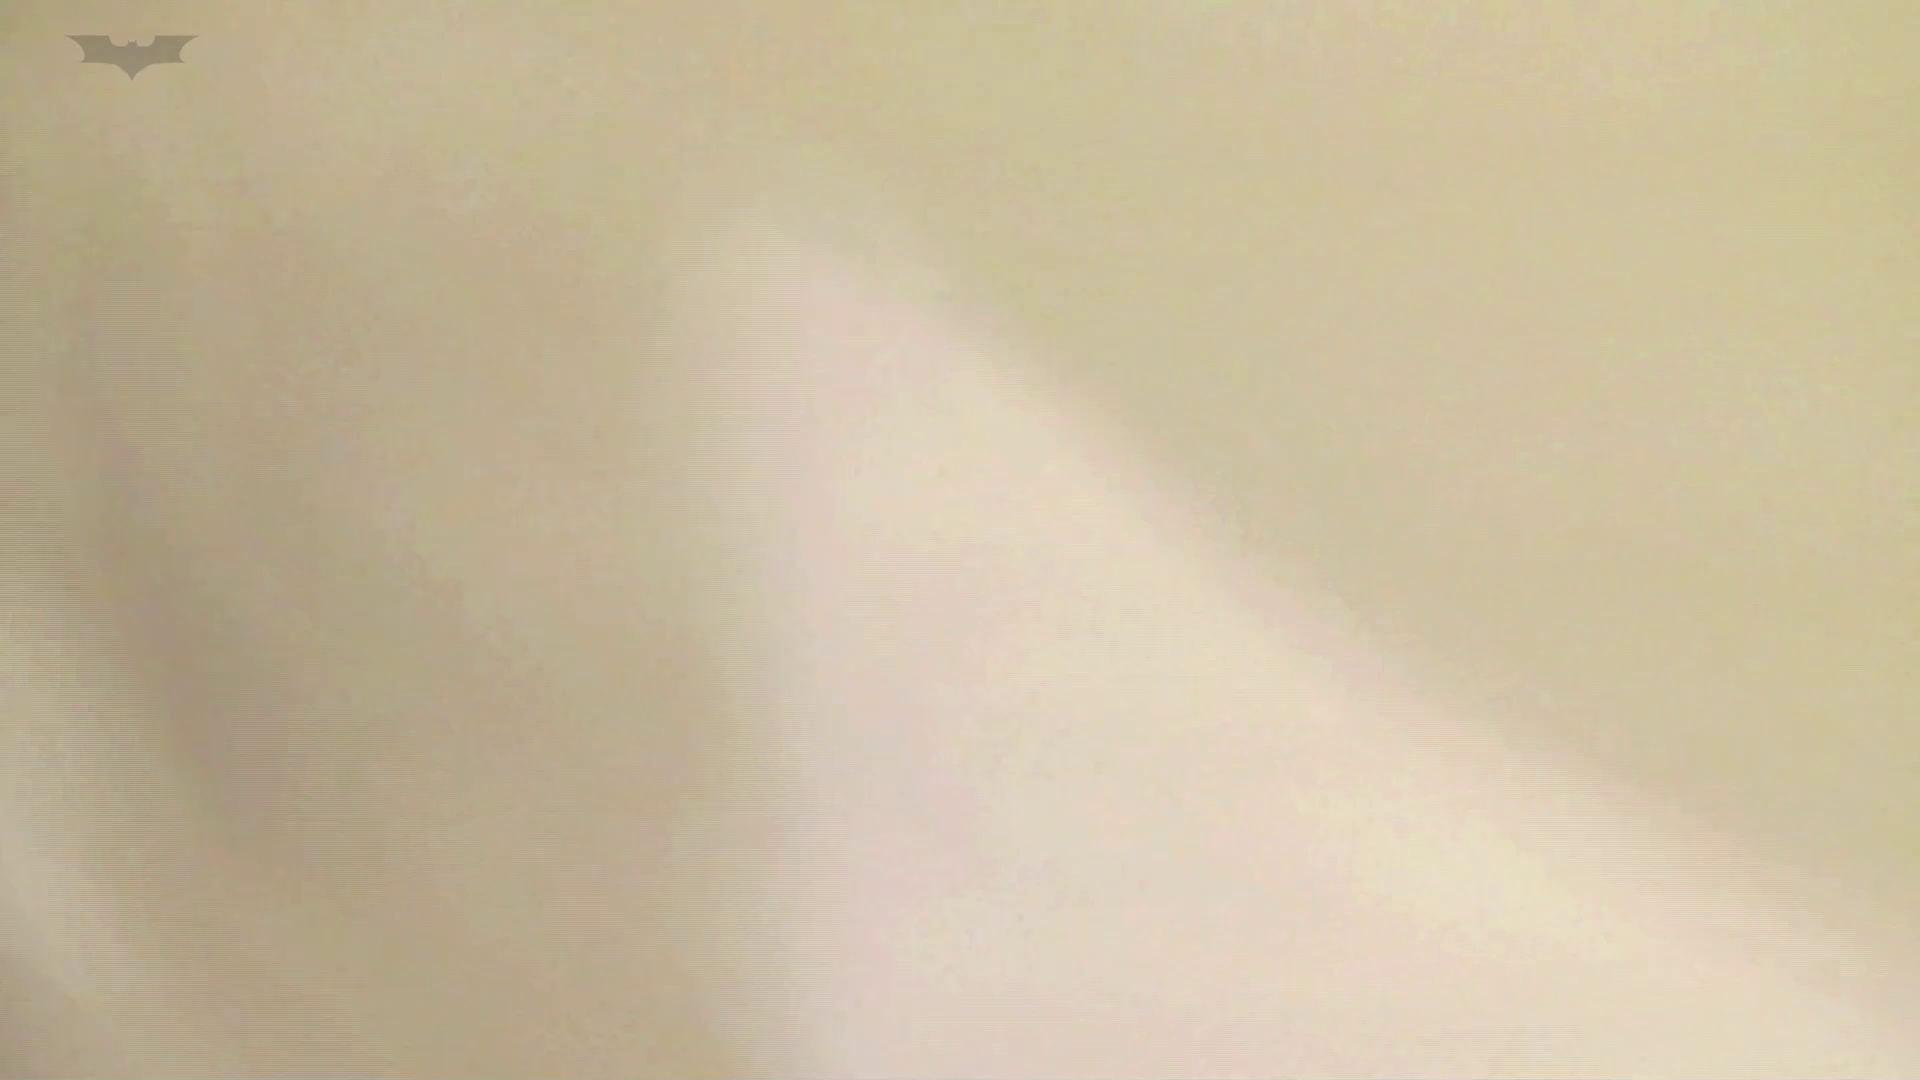 新世界の射窓 No78 トリンドル 玲奈似登場シリーズ美女率最高作! 美女  109pic 43